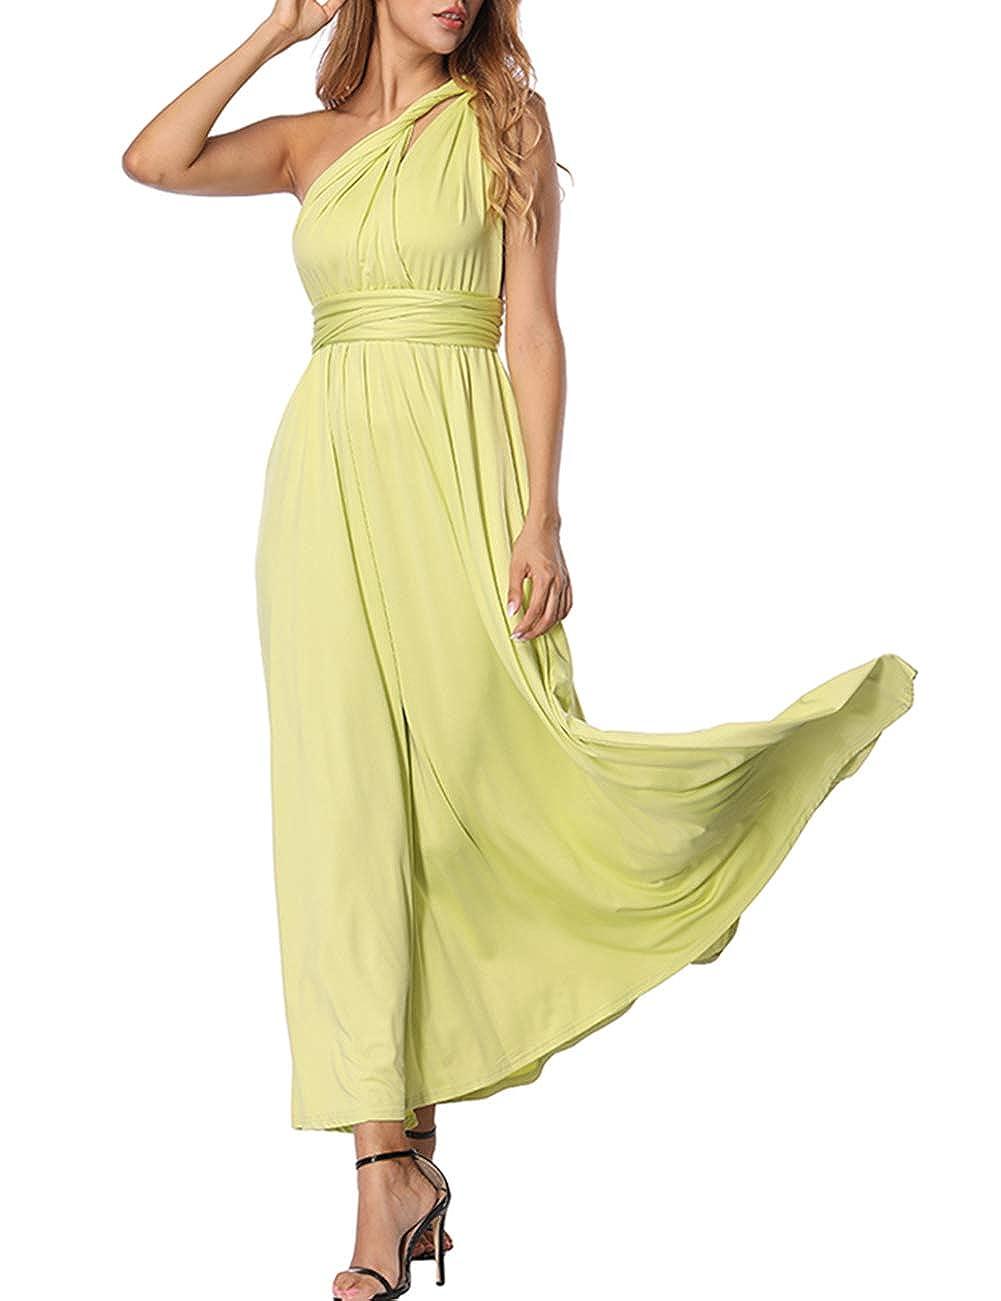 TALLA XL(ES 46-50). FeelinGirl Mujer Vestido Maxi Convertible Espalda Decubierta Cóctel Multiposicion Tirantes Multi-Manera Largo Falda para Fiesta Ceremonia Sexy y Elegante Verde Claro XL(ES 46-50)